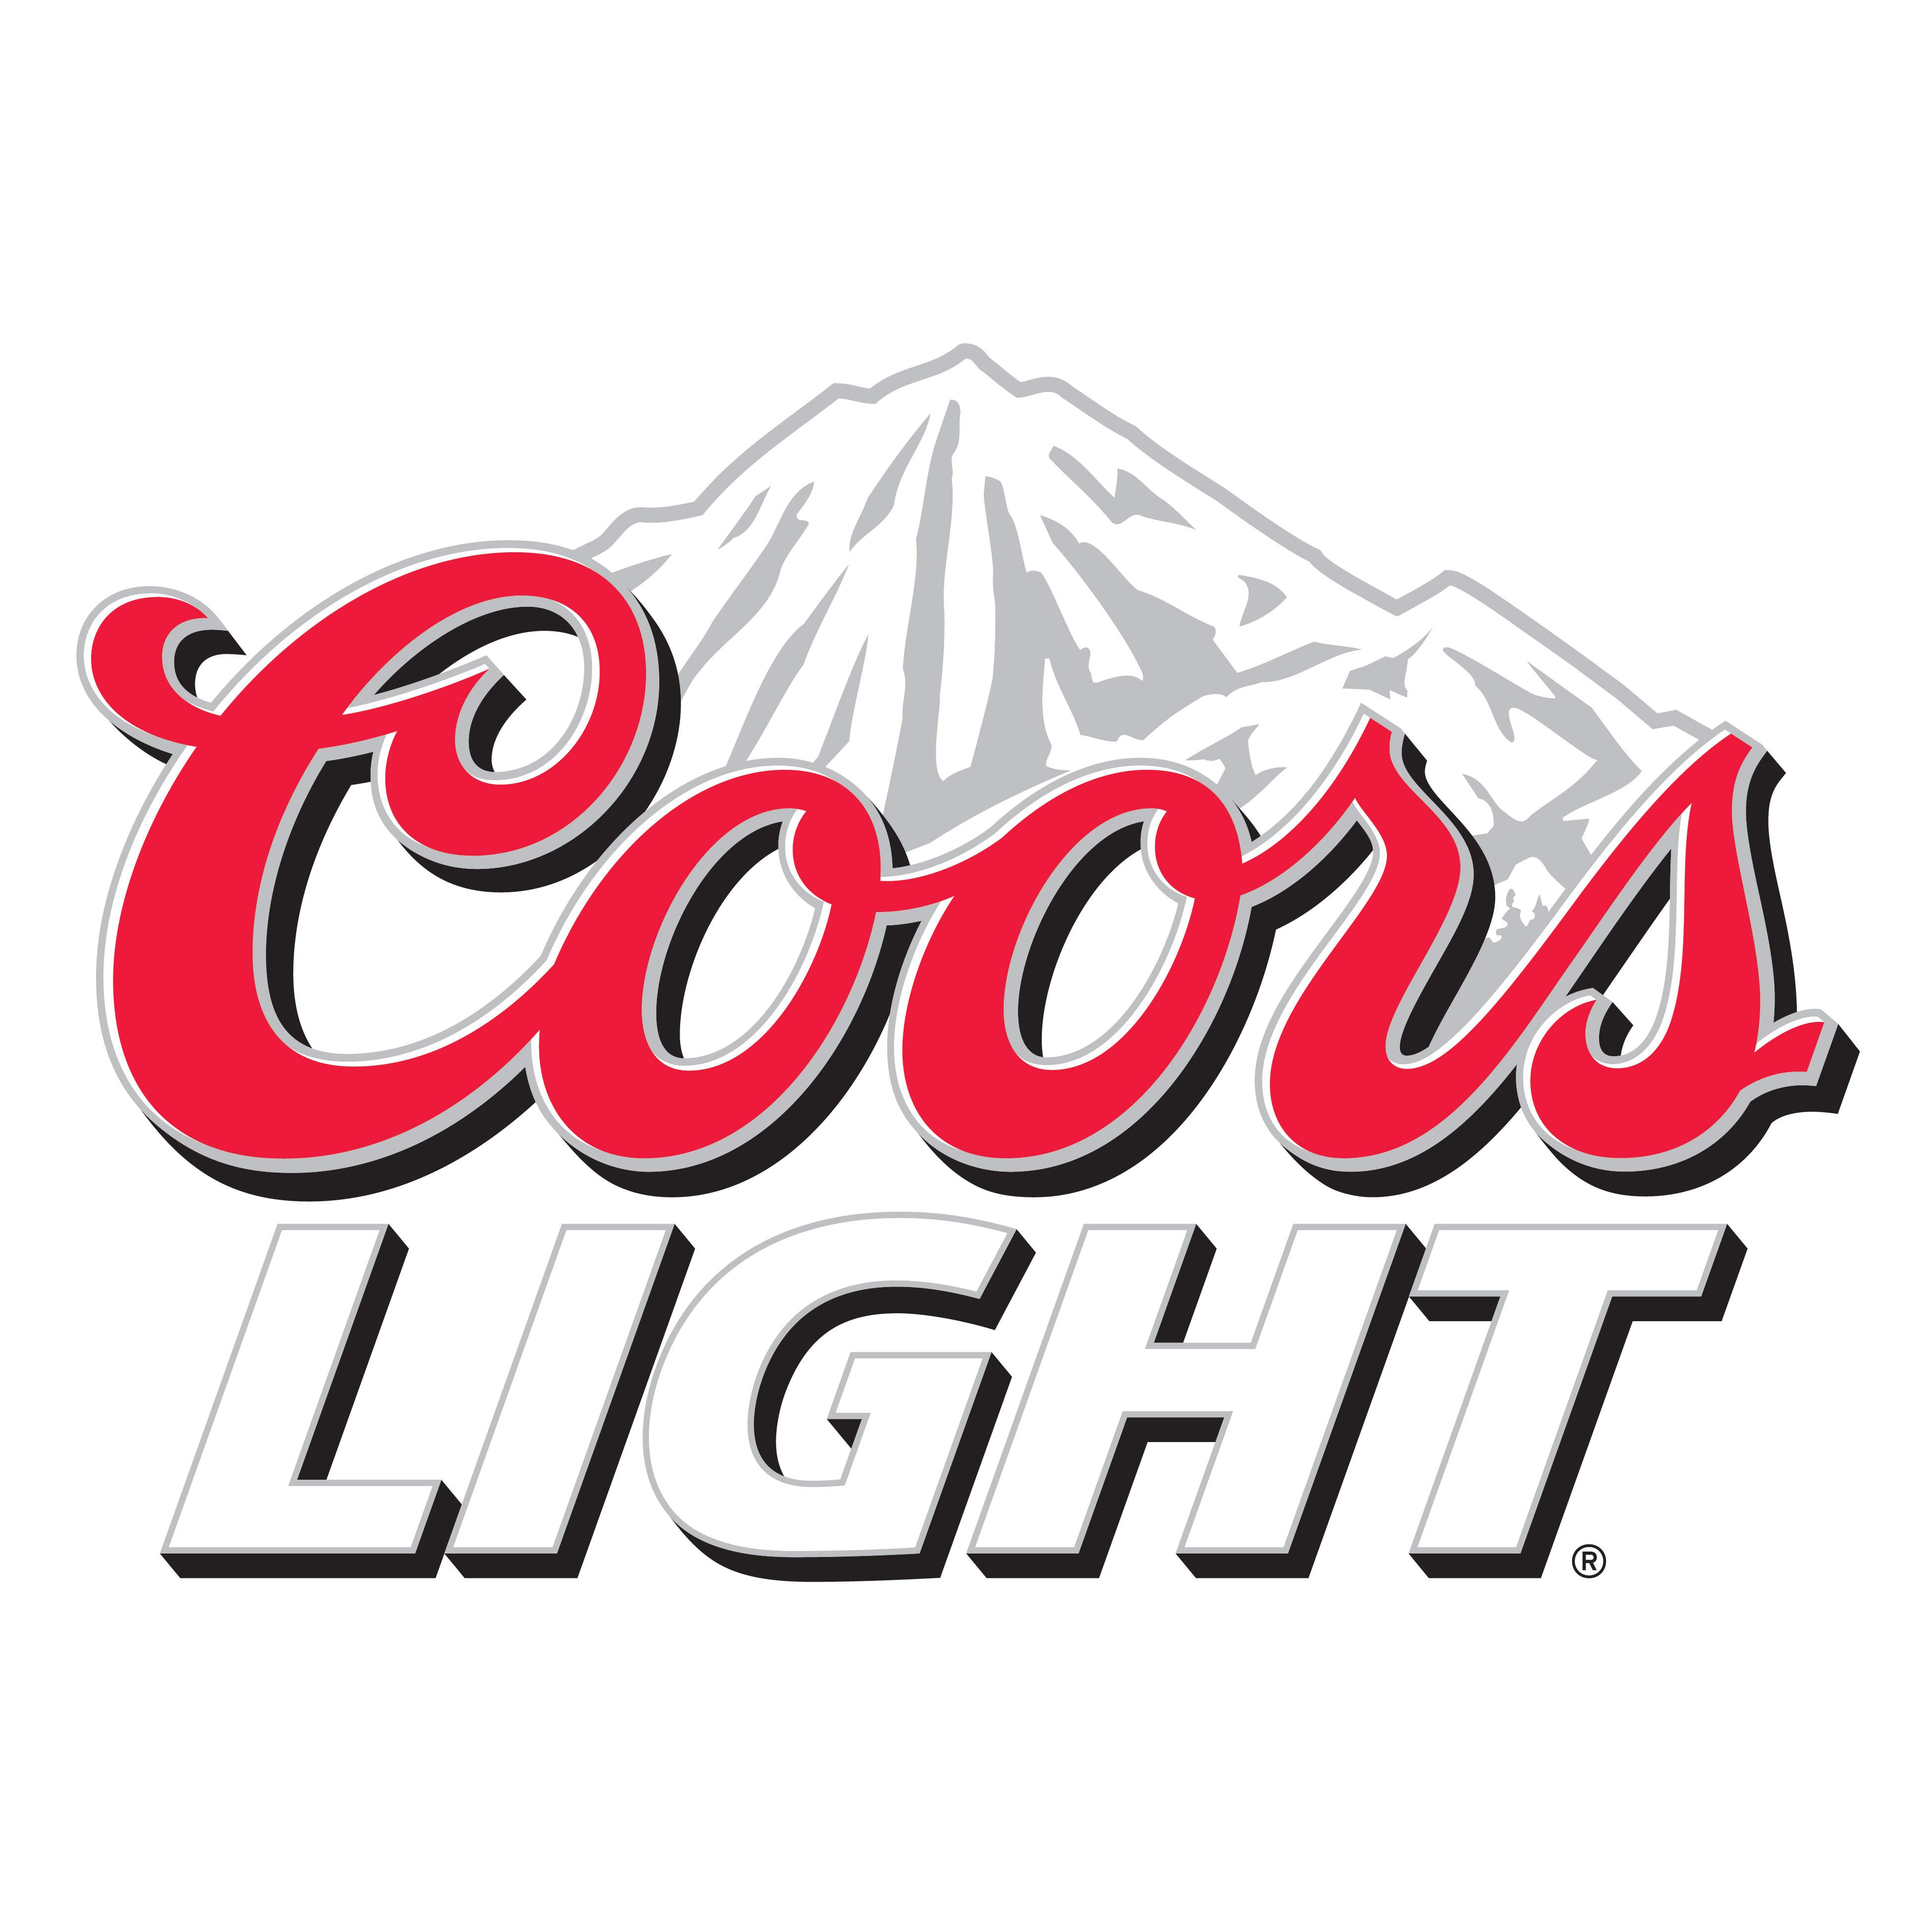 Coors Light 2014